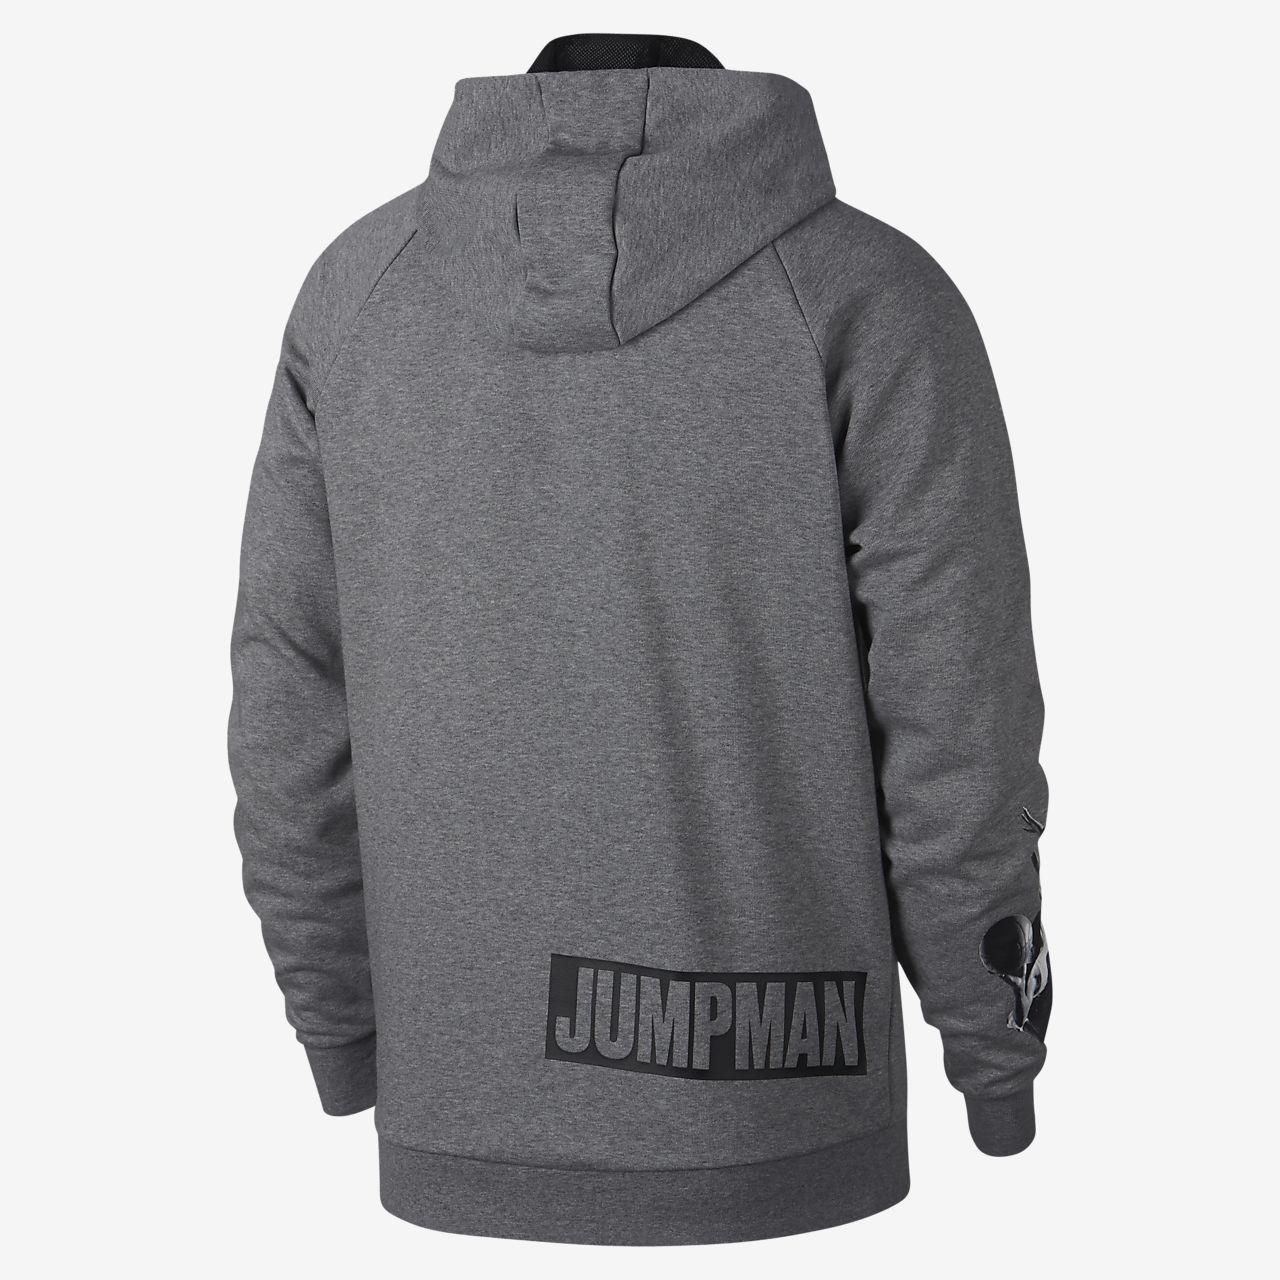 ce42e23a7e552d Jordan Jumpman Men s Lightweight Graphic Full-Zip Hoodie. Nike.com IN